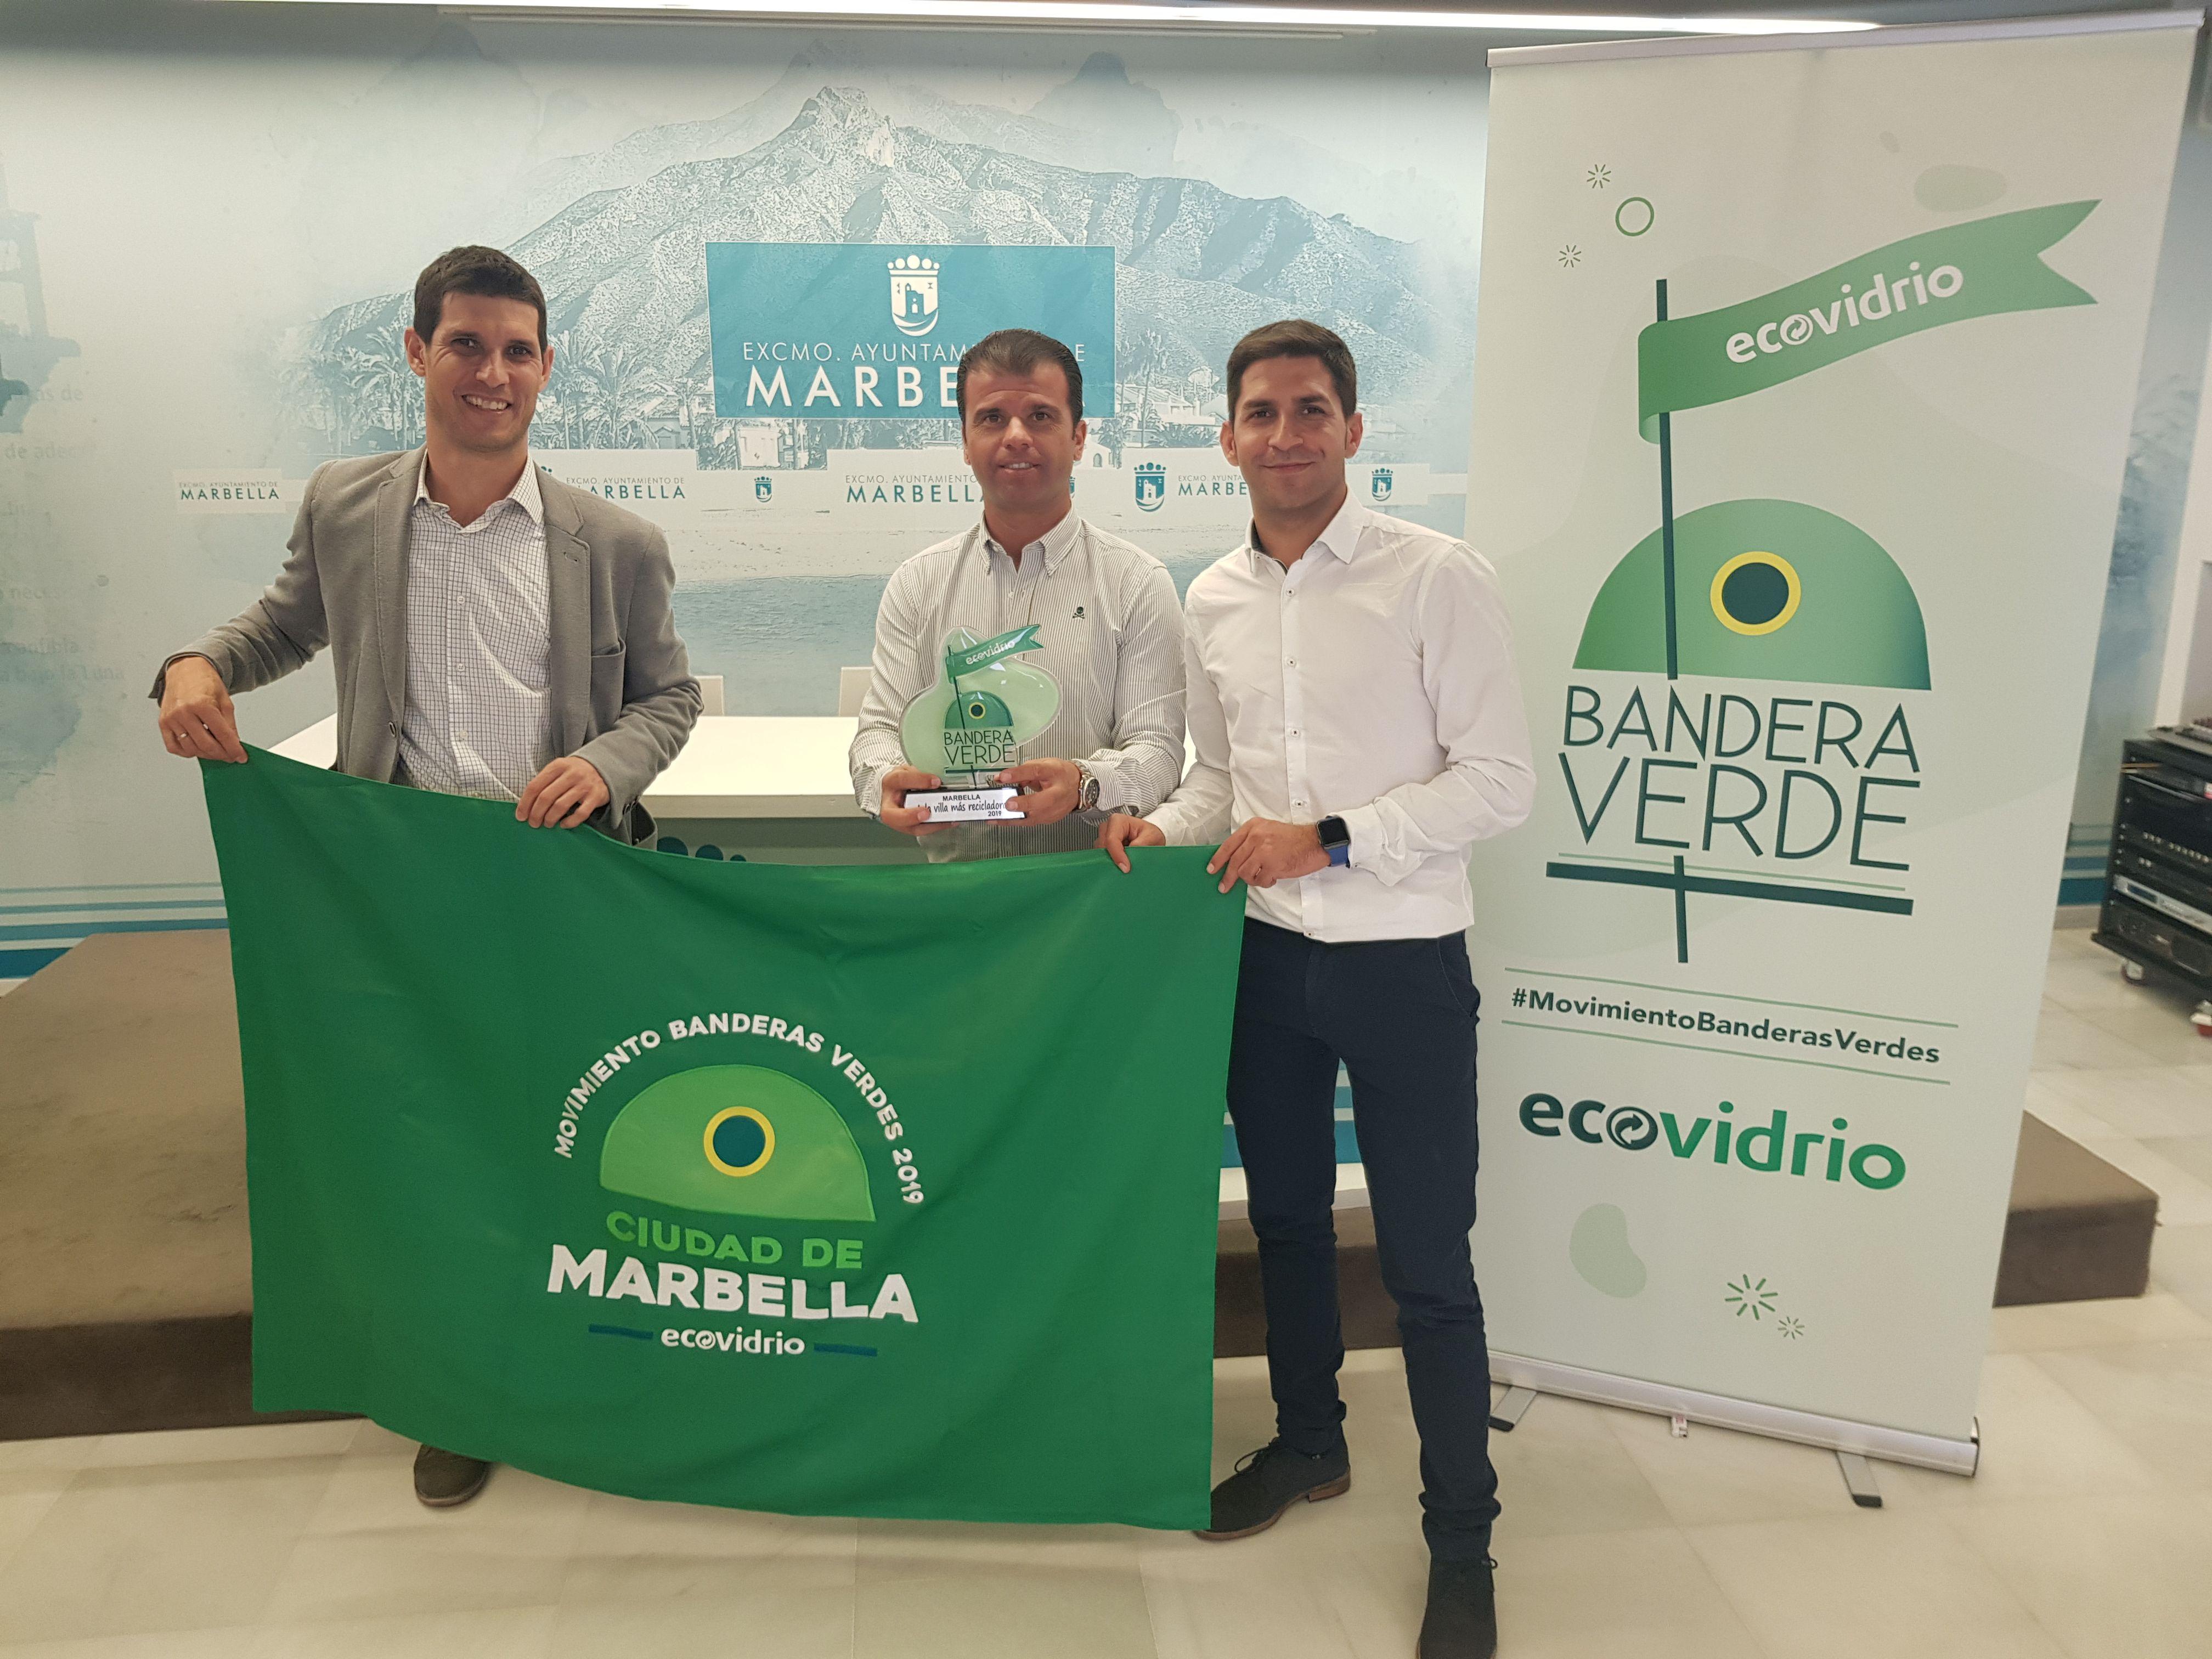 entrega banderas verdes - marbella